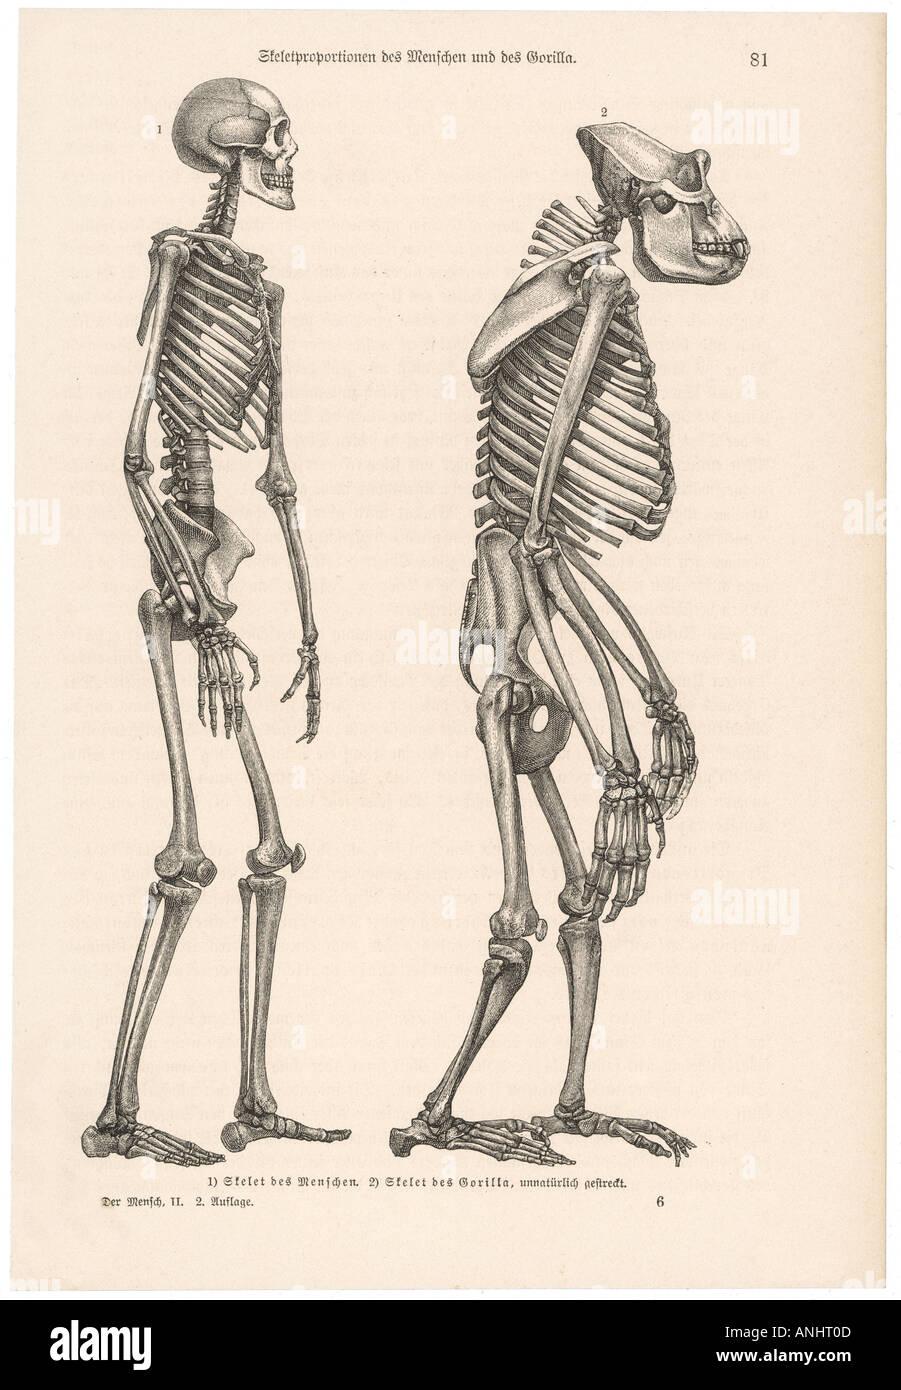 Anatomy Whole Body Stock Photo: 5071884 - Alamy